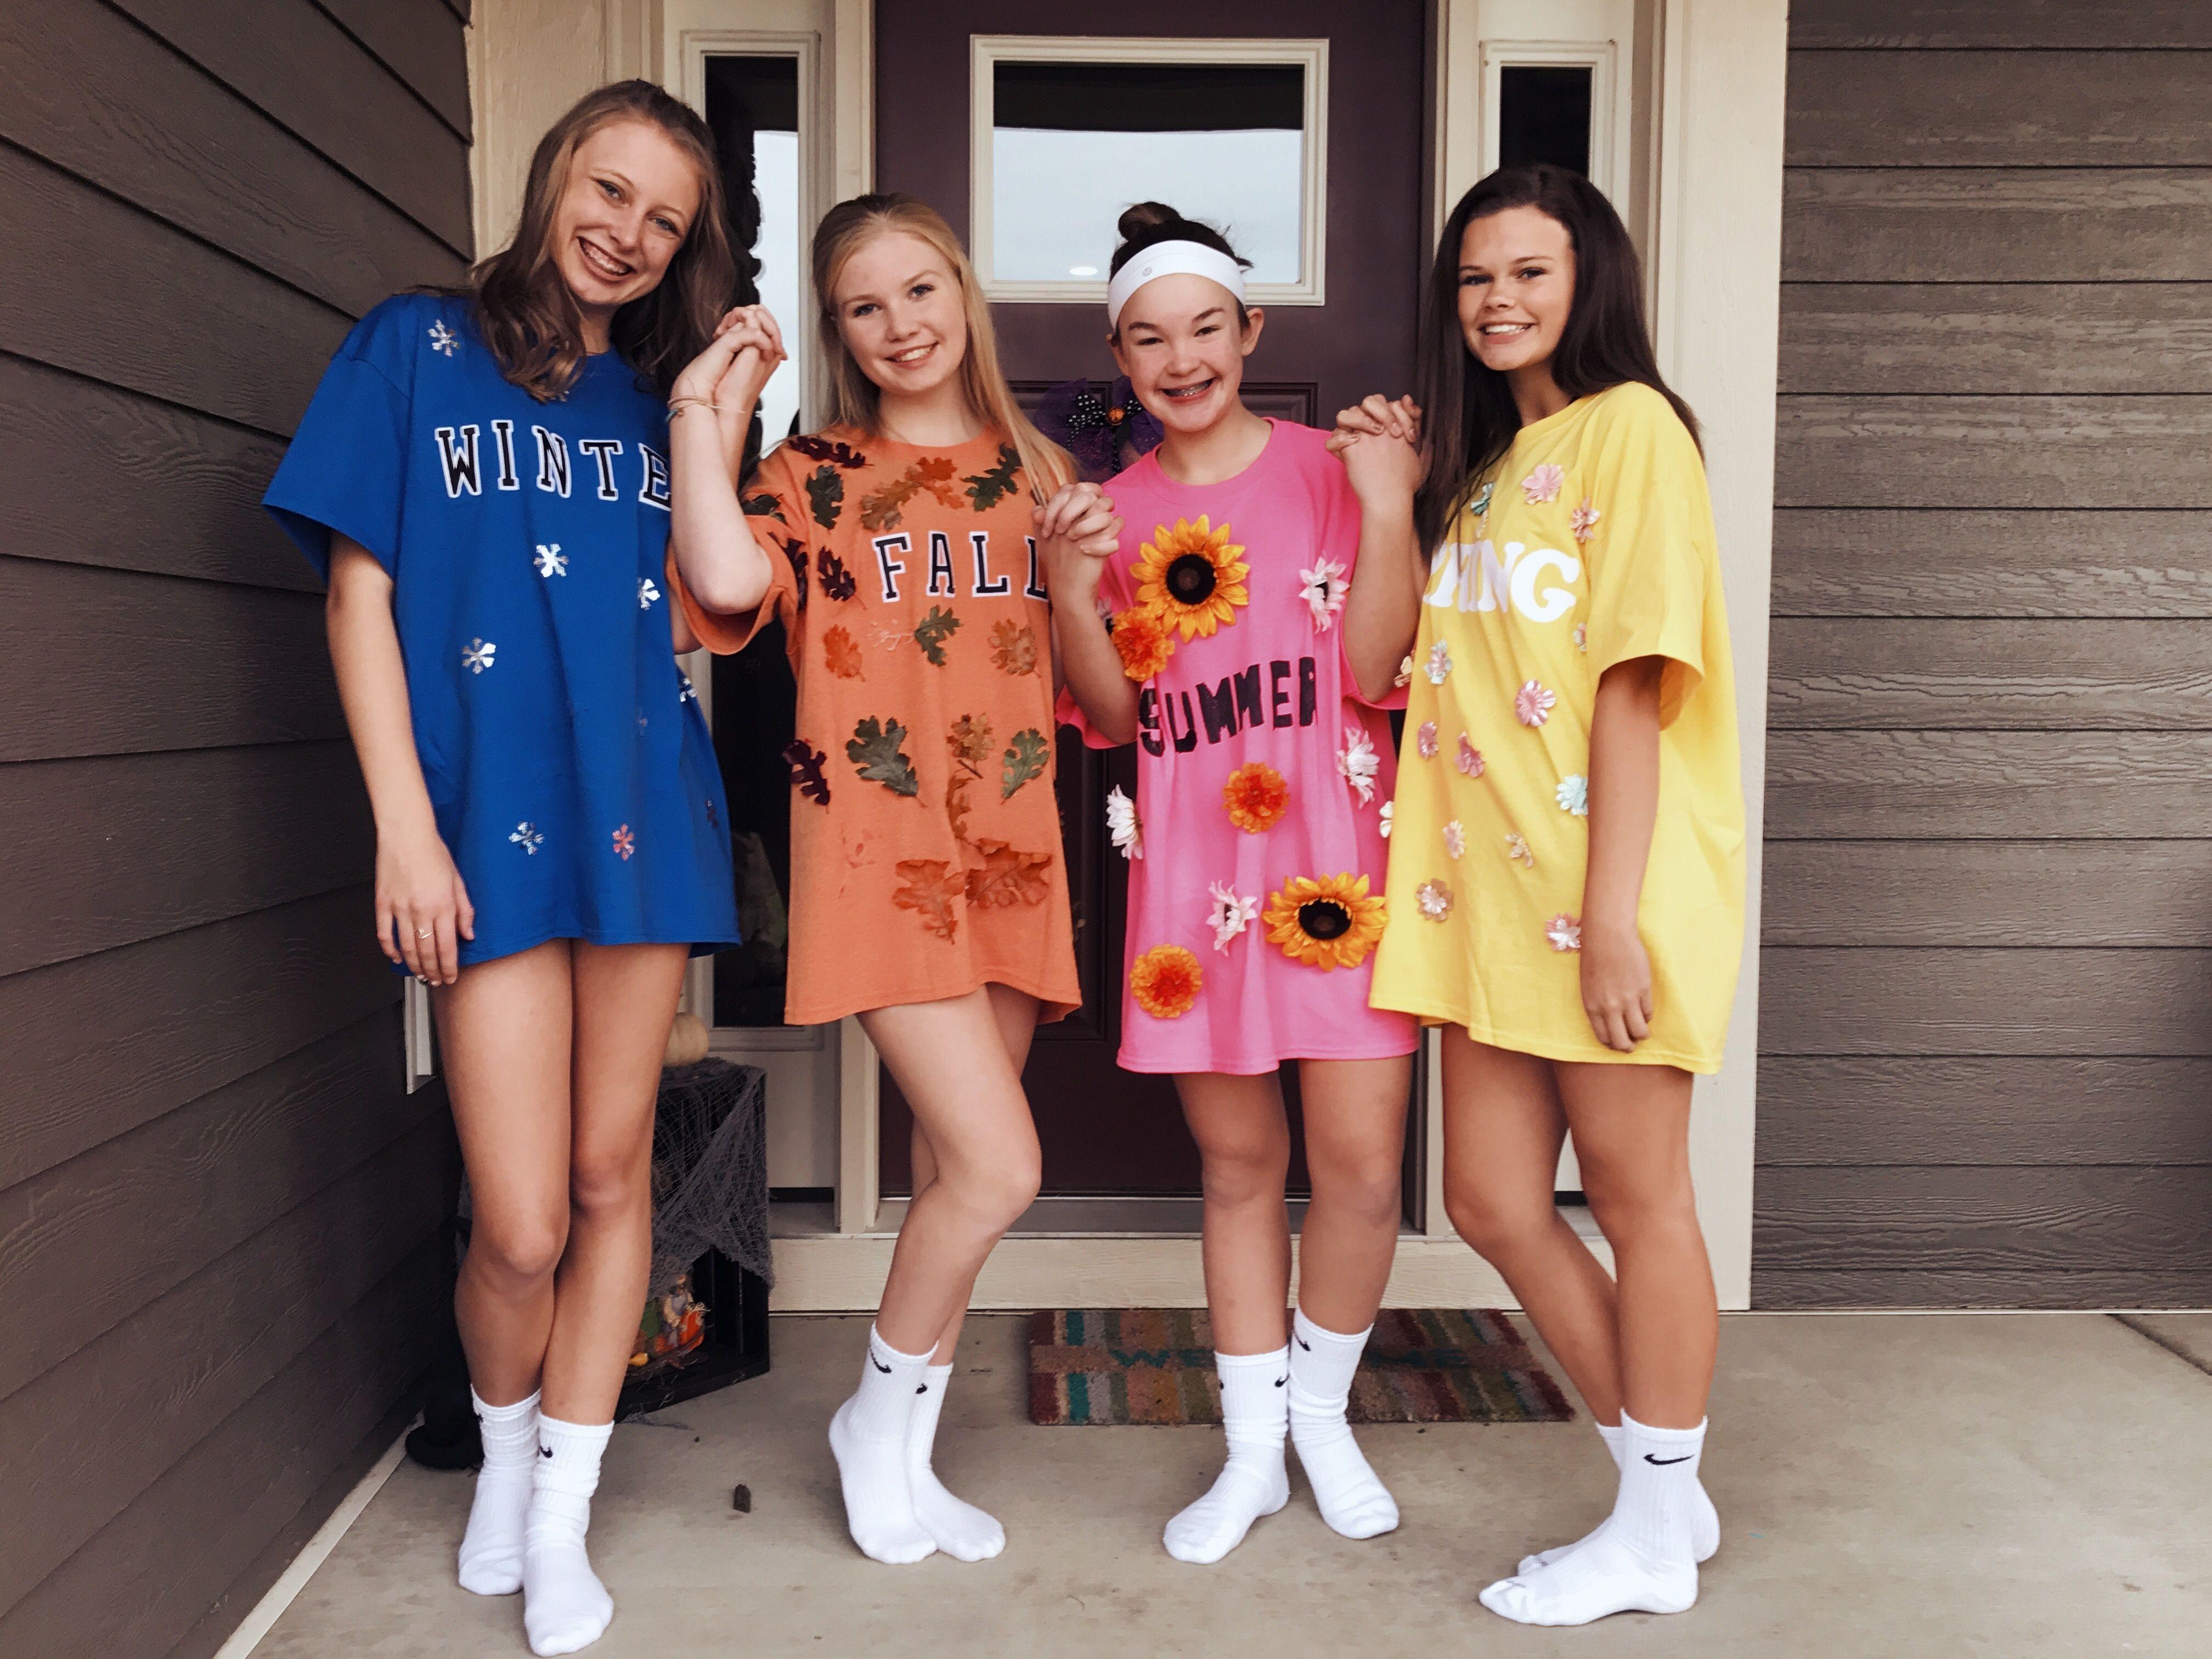 4 People Halloween Costumes.Holloween Halloween Costumes Friends Cute Group Halloween Costumes Duo Halloween Costumes